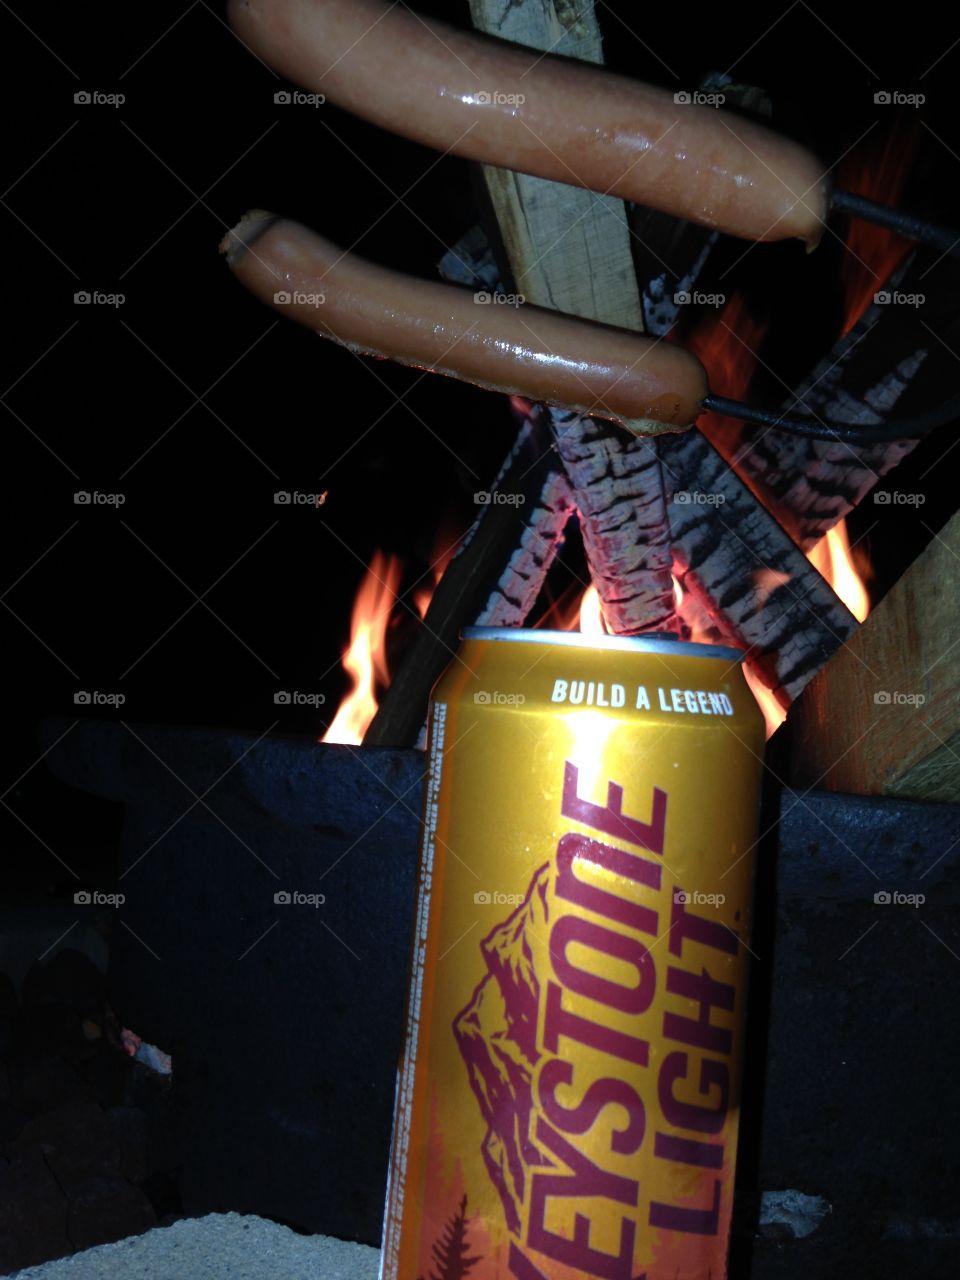 Campfire beer